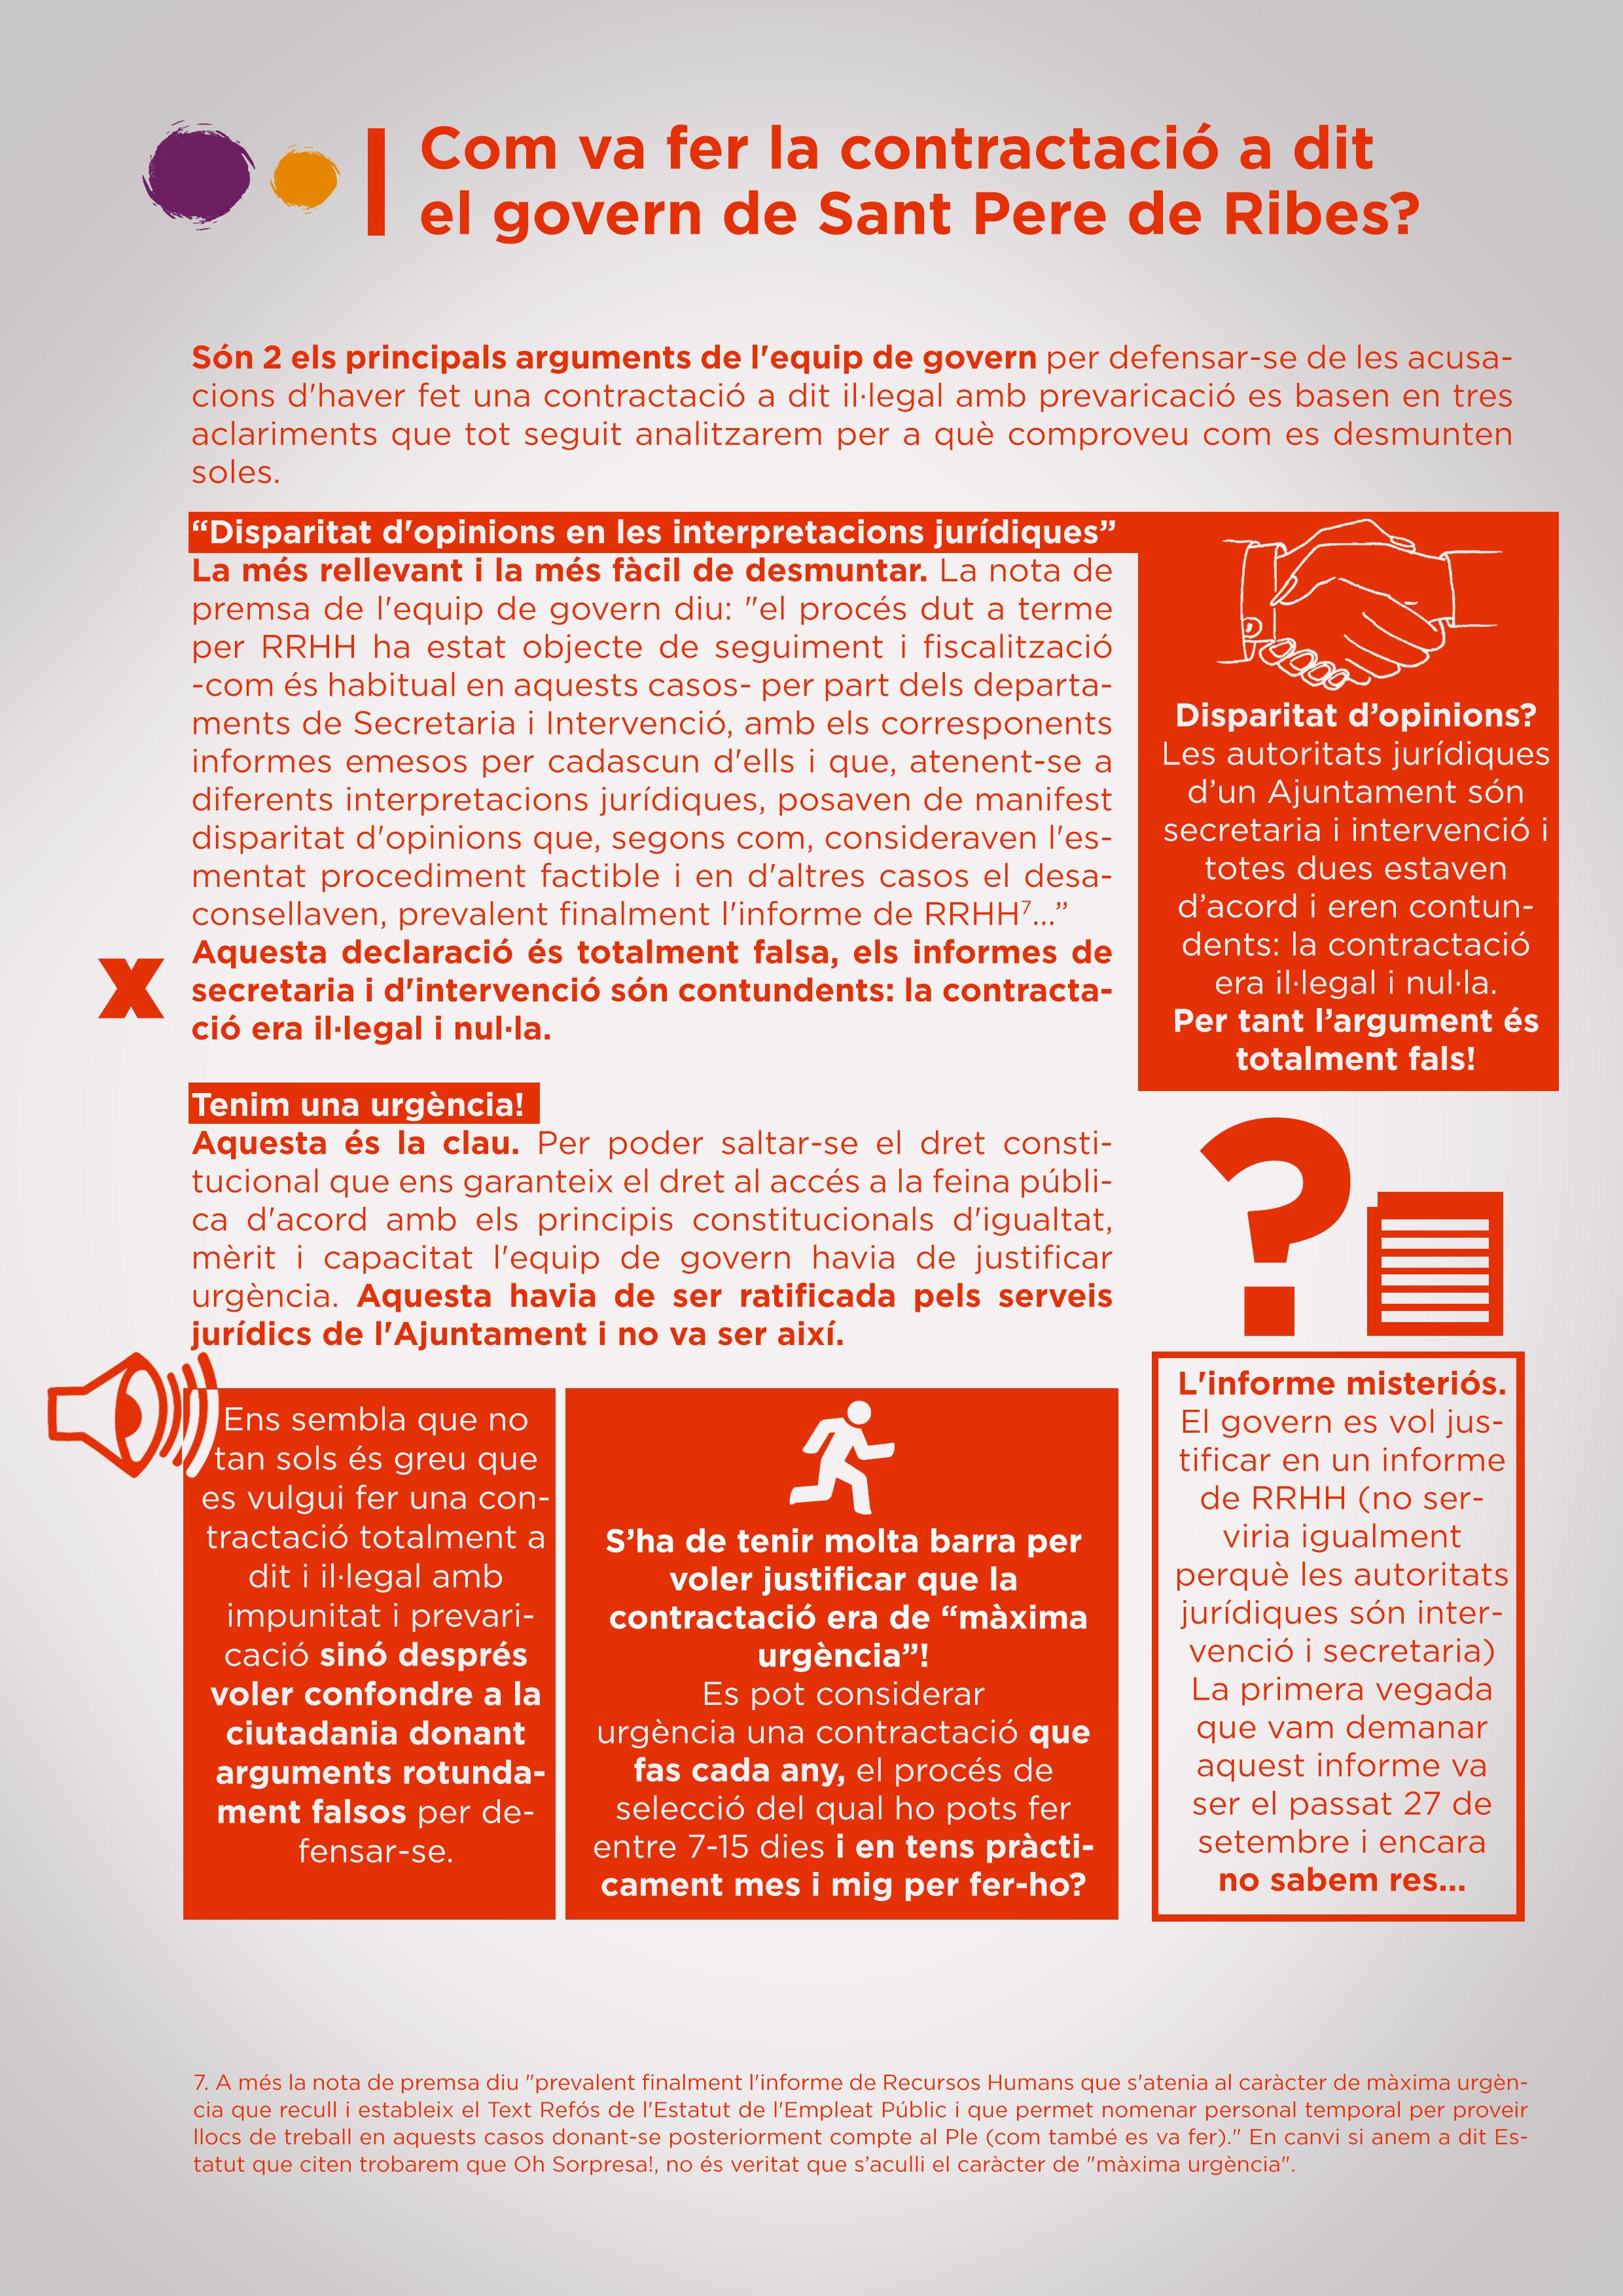 La contractació il·legal del govern de Sant Pere de Ribes al detall